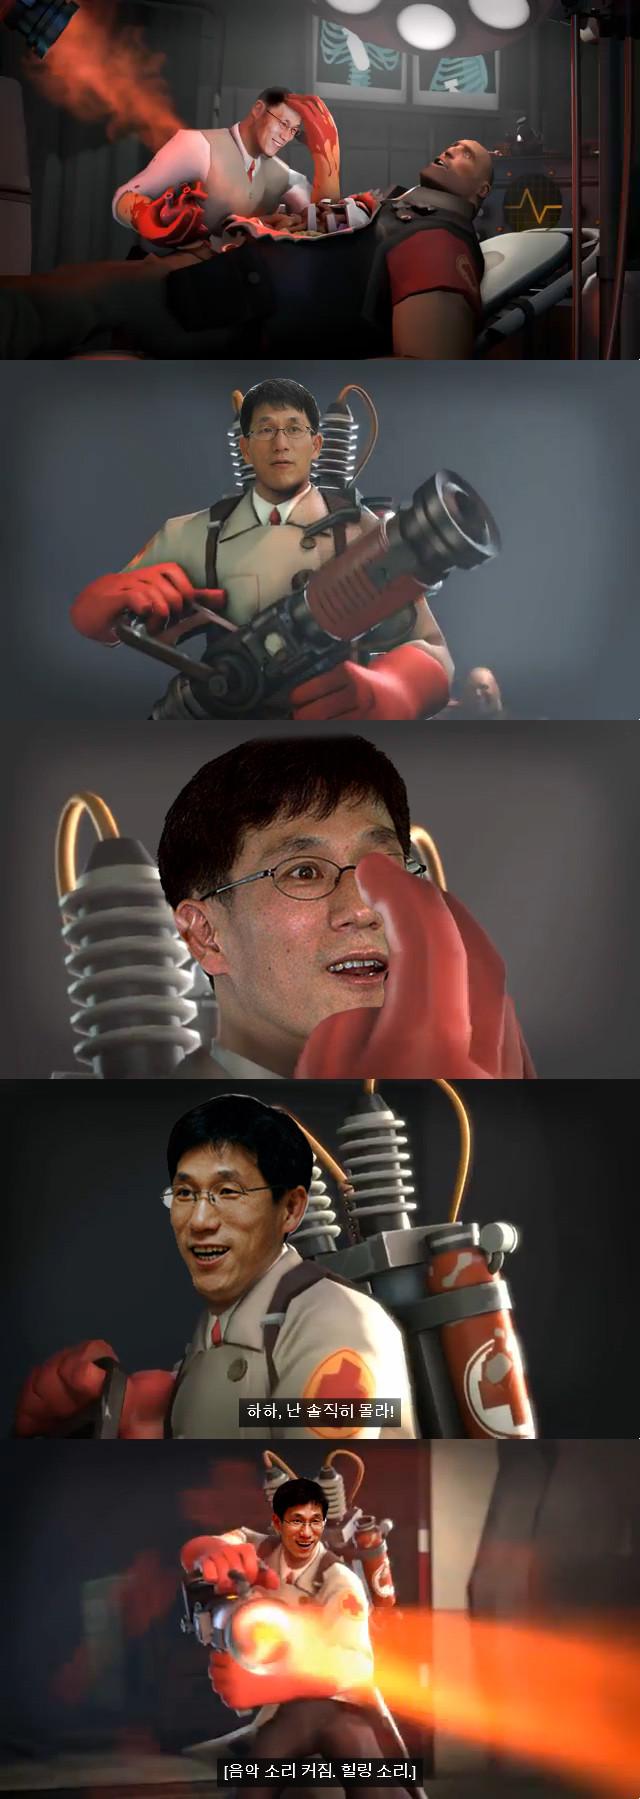 Meet the 중권